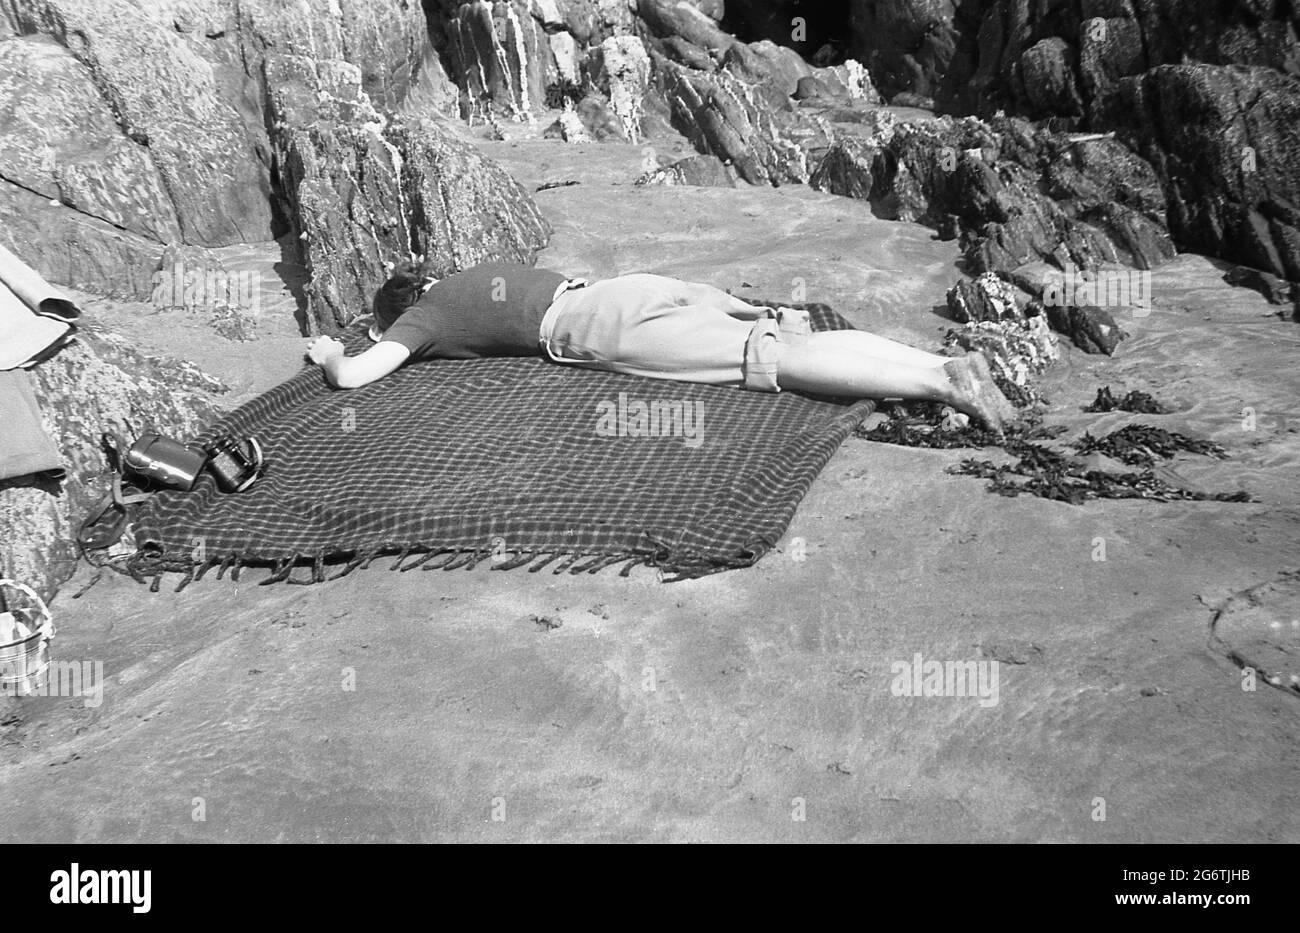 1950s, histórico, una mujer joven con pantalones enrollados, acostada boca abajo en una alfombra además de algunas rocas en una superficie plana, pequeña de arena de una playa que tiene un descanso, Inglaterra, Reino Unido. Probablemente agotado después de construir castillos de arena para sus hijos. Foto de stock